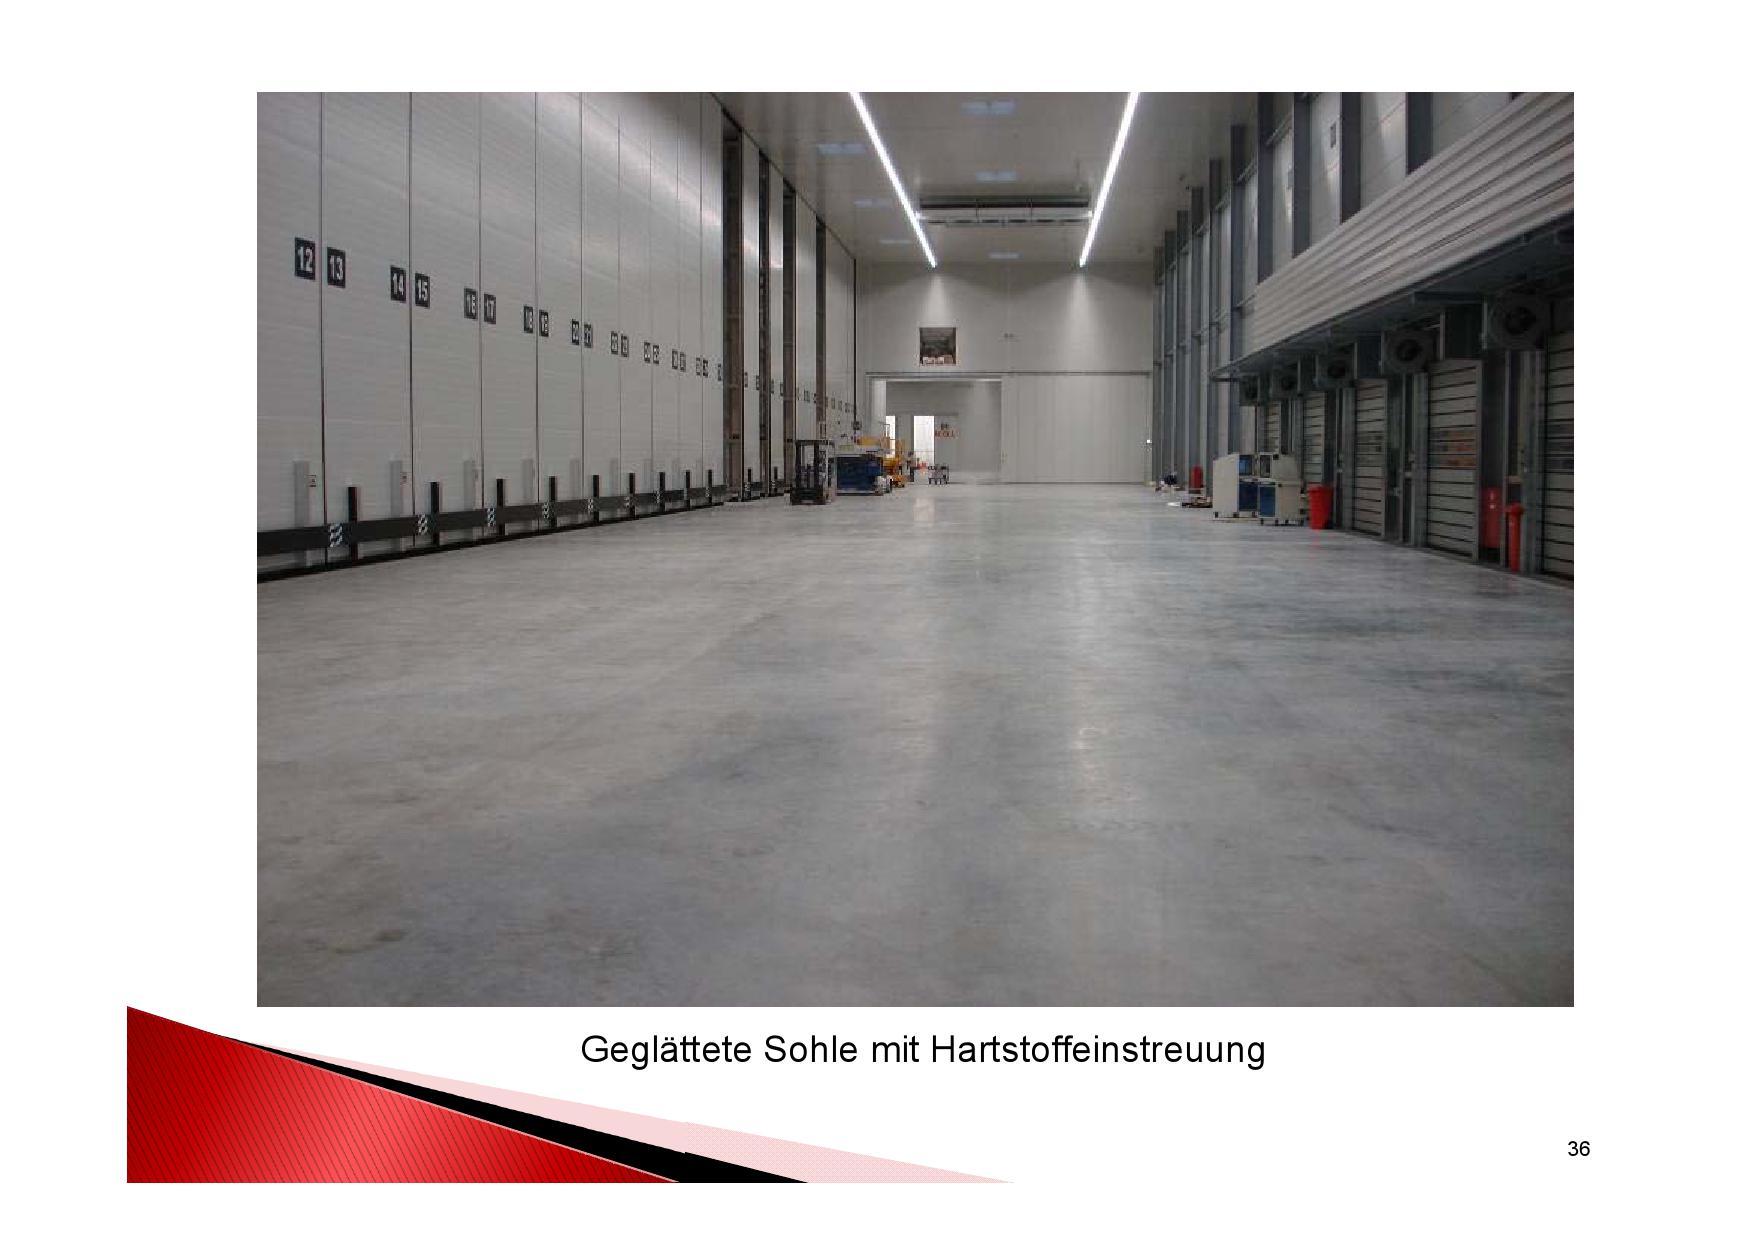 7Präsentation Einstreu Schicht Haftbrücke Fugen März 2013 pdf_000036